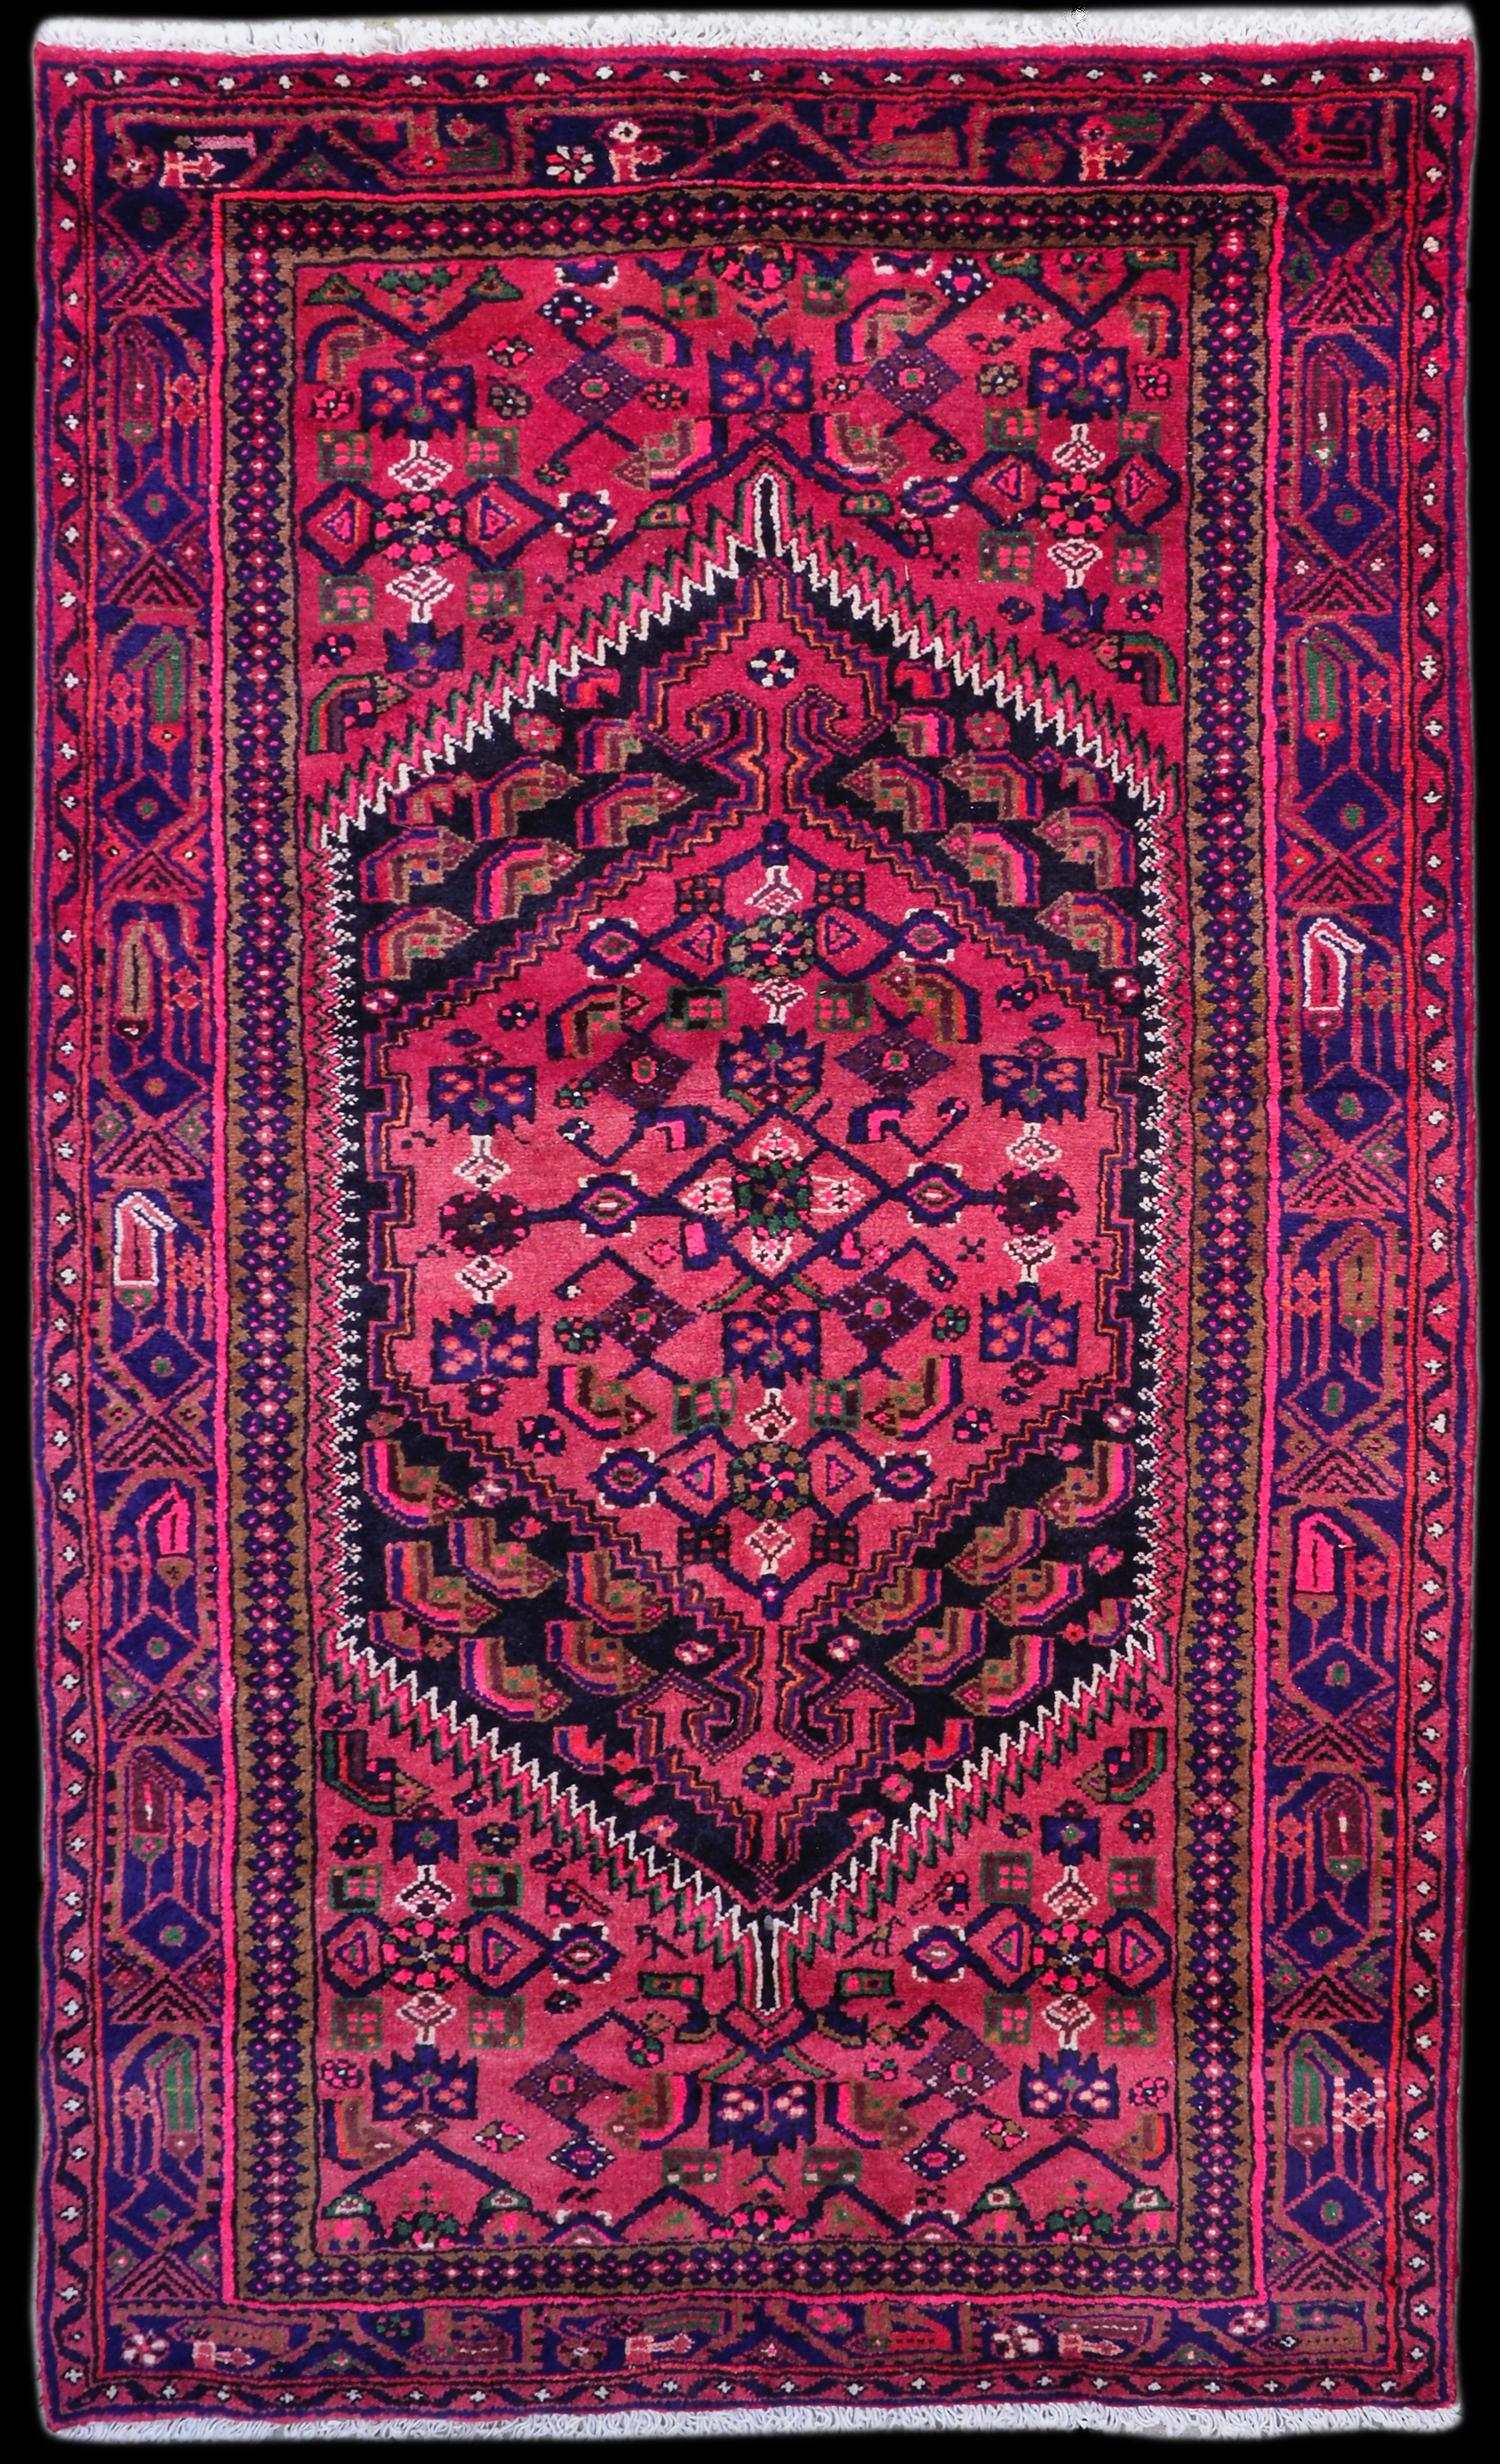 Hand-made Wool Rug